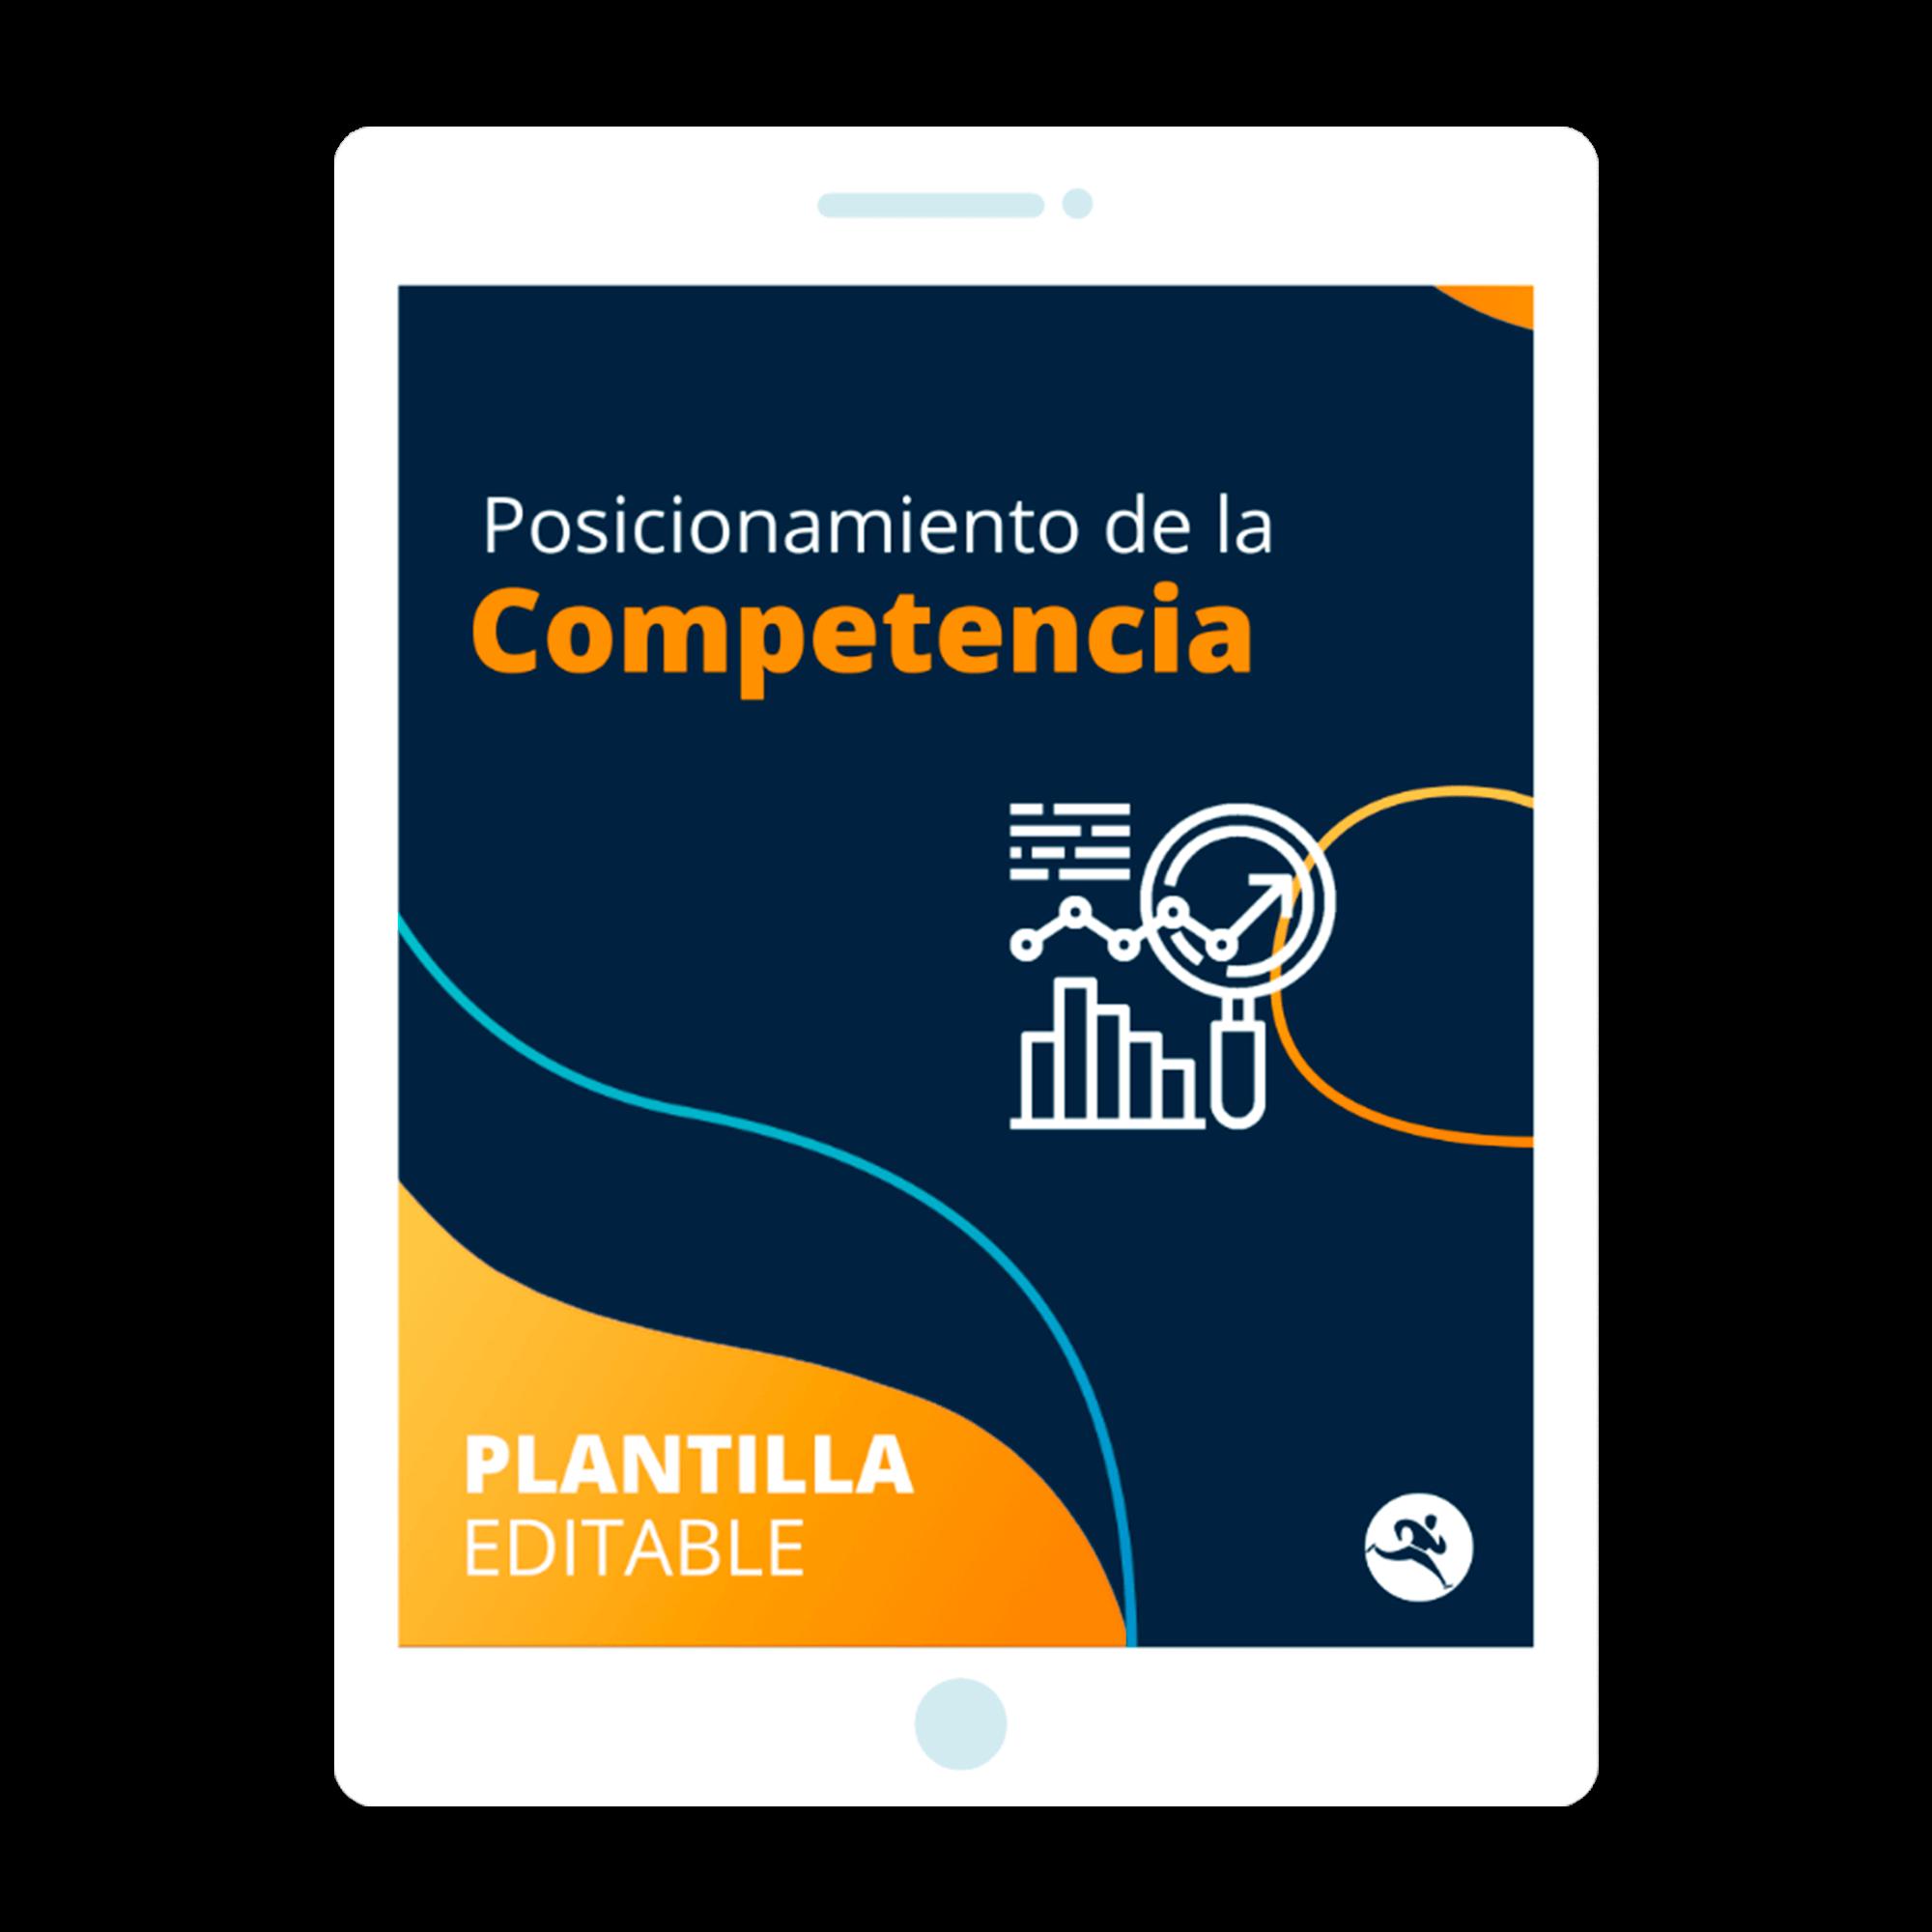 Portada Posicionamiento Competencia IPAD